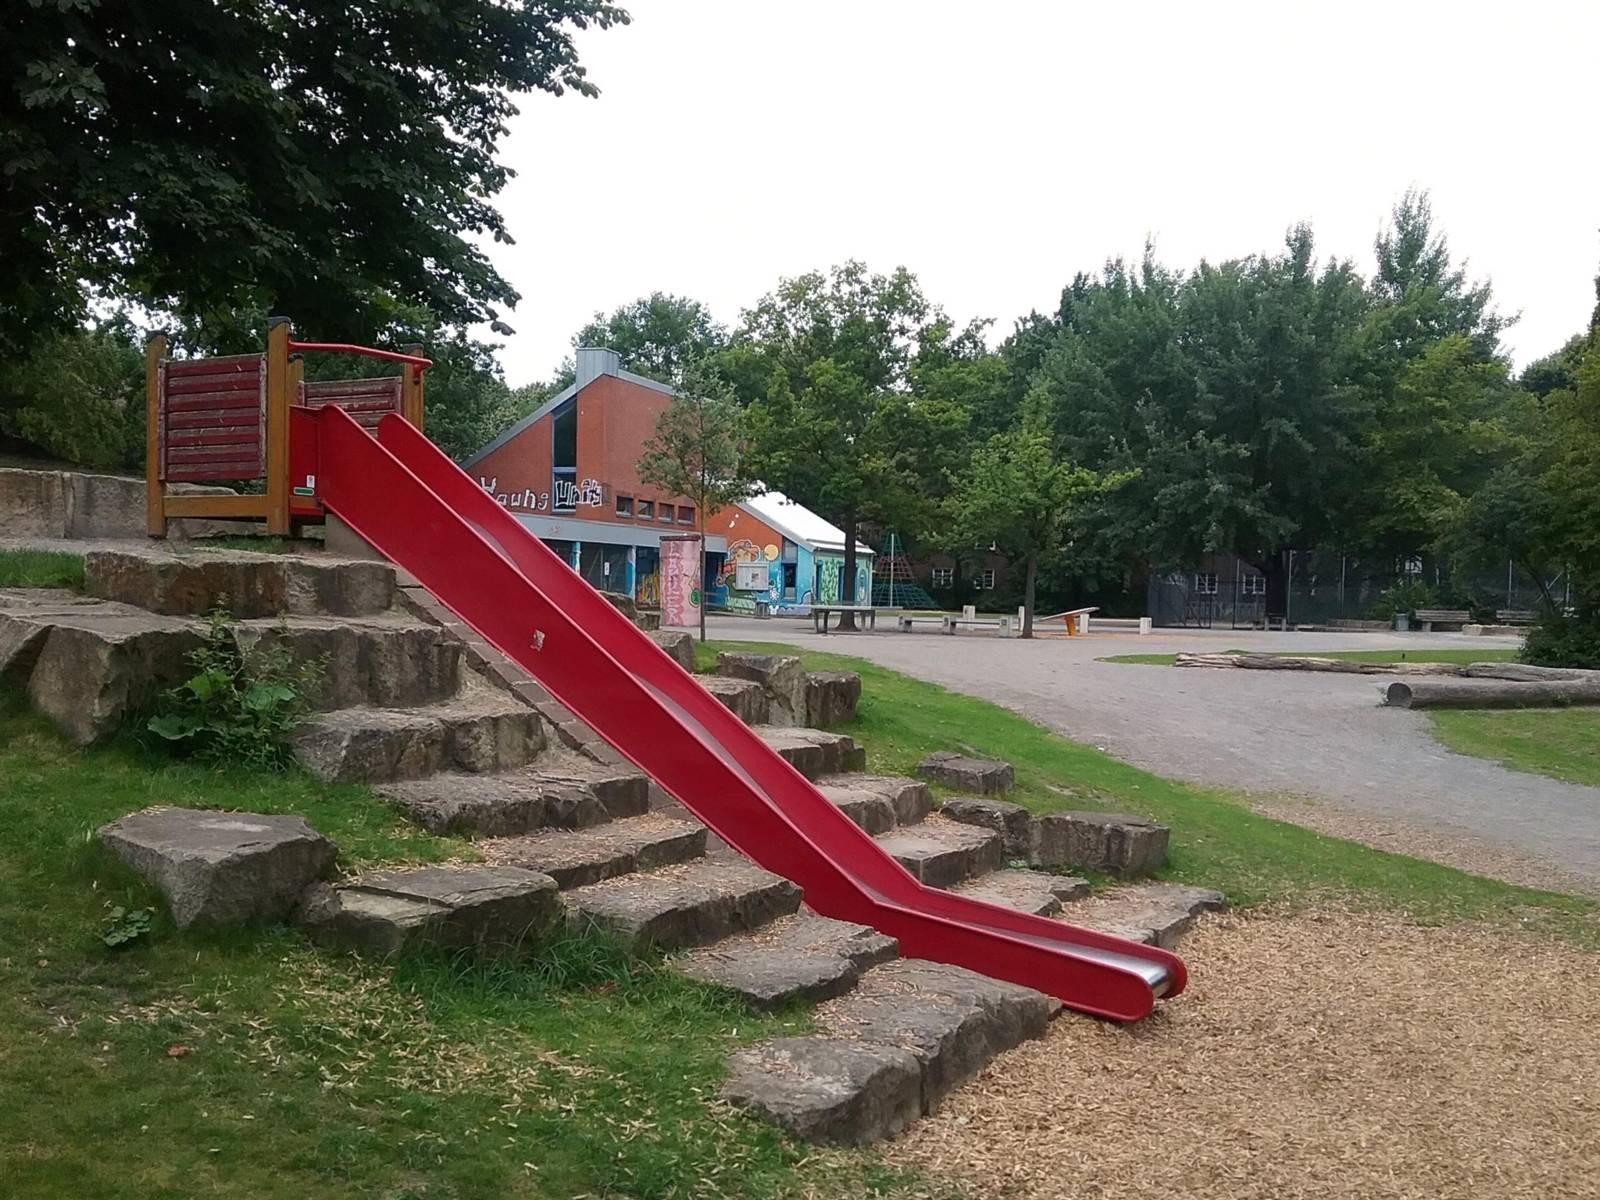 Spielplatz vor einem Spielpark.